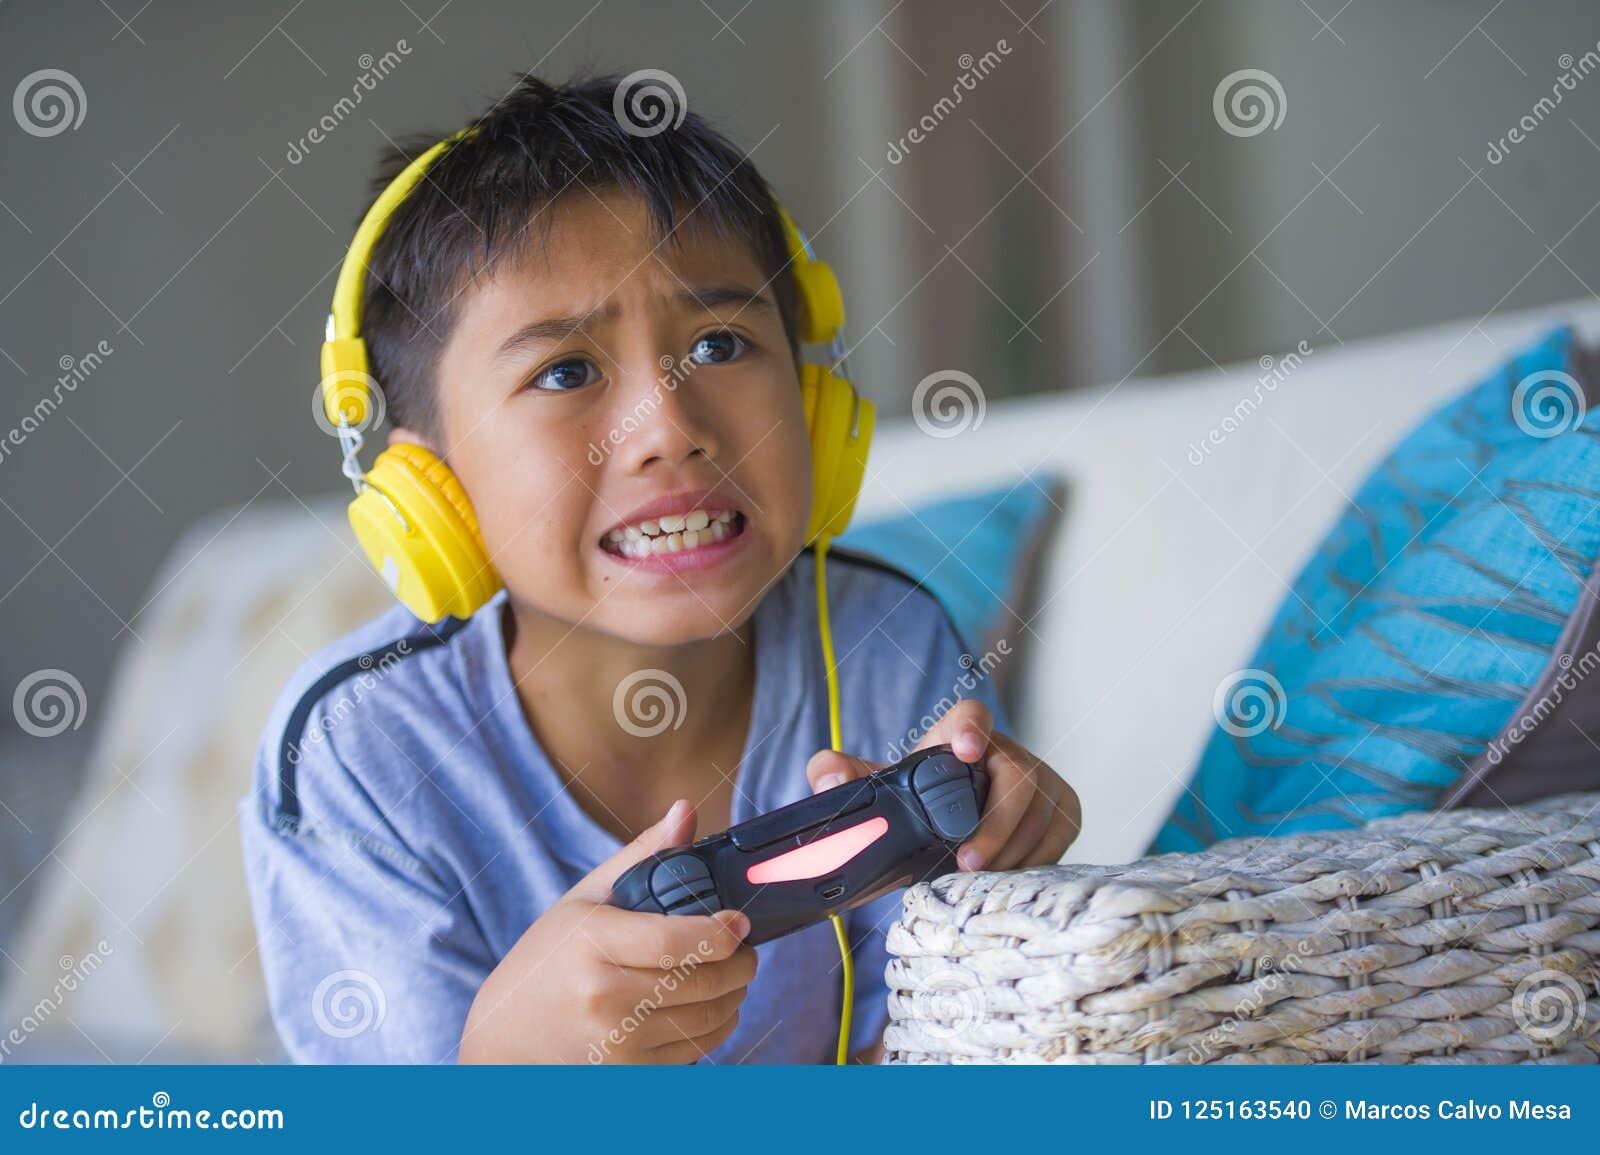 Levensstijlportret van jonge Latijn weinig opgewekt jong geitje en gelukkig het spelen videospelletje online met hoofdtelefoons d